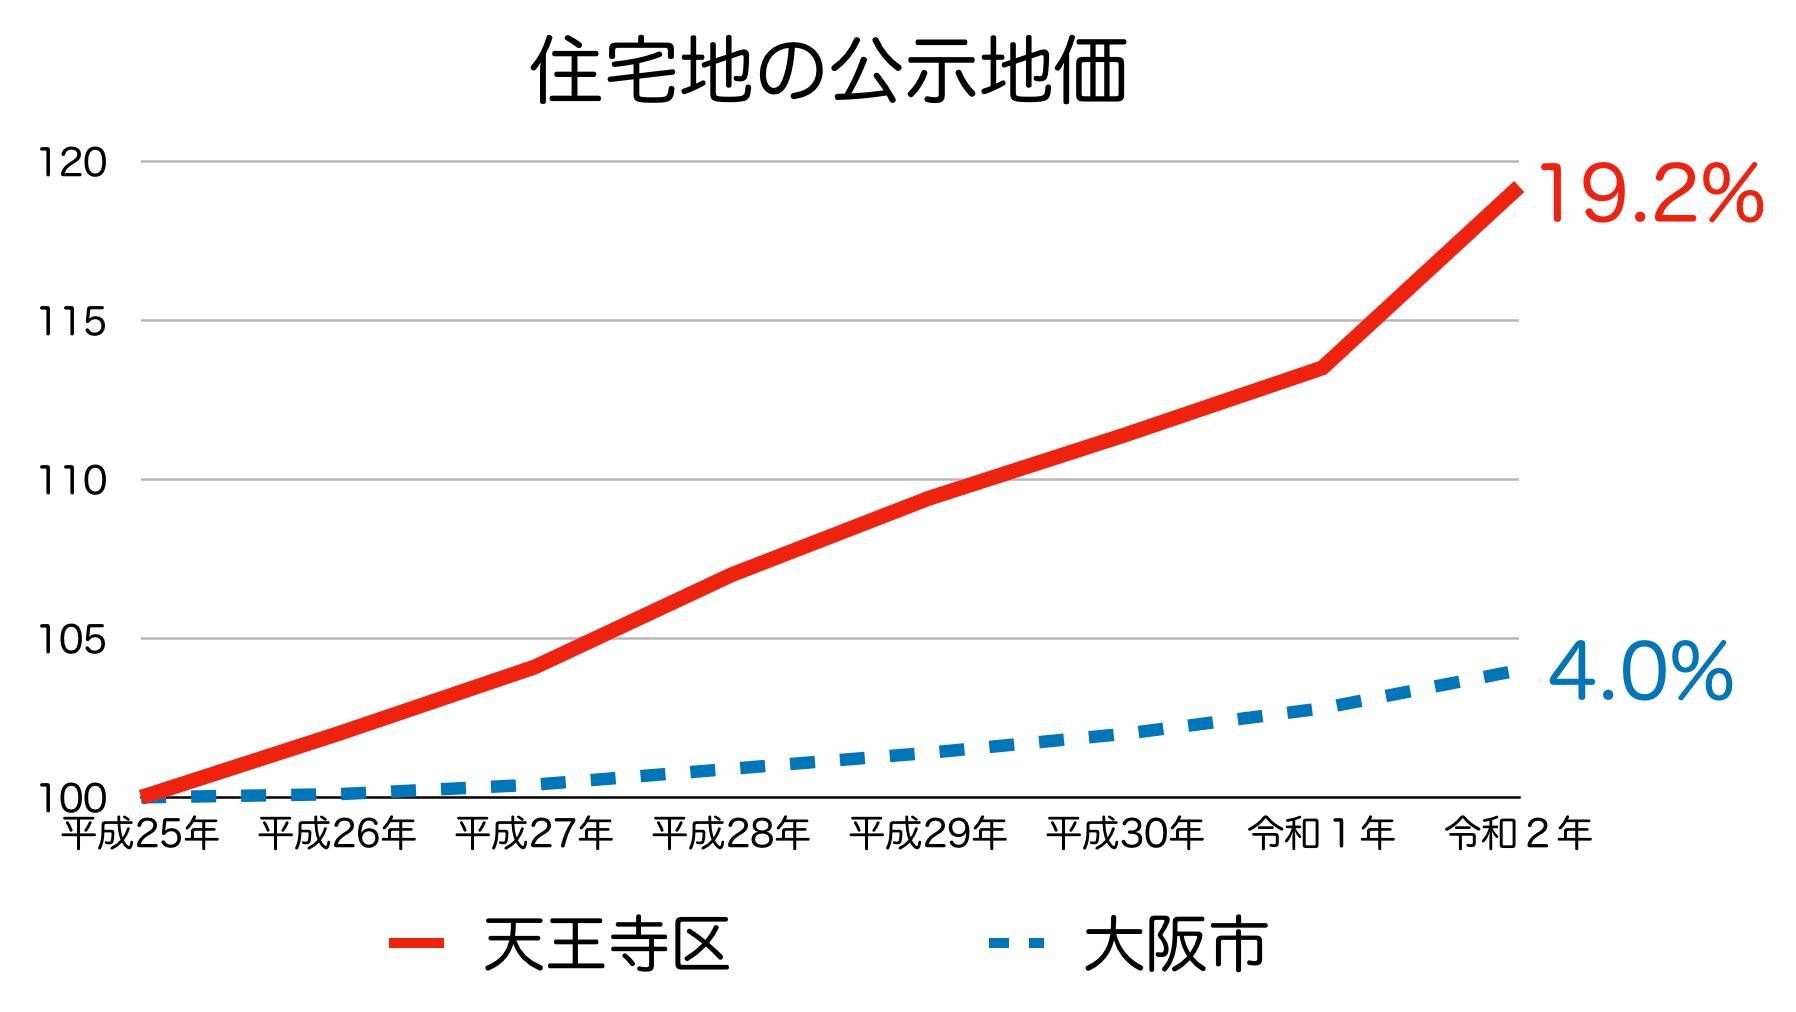 天王寺区の公示地価の推移(令和2年)